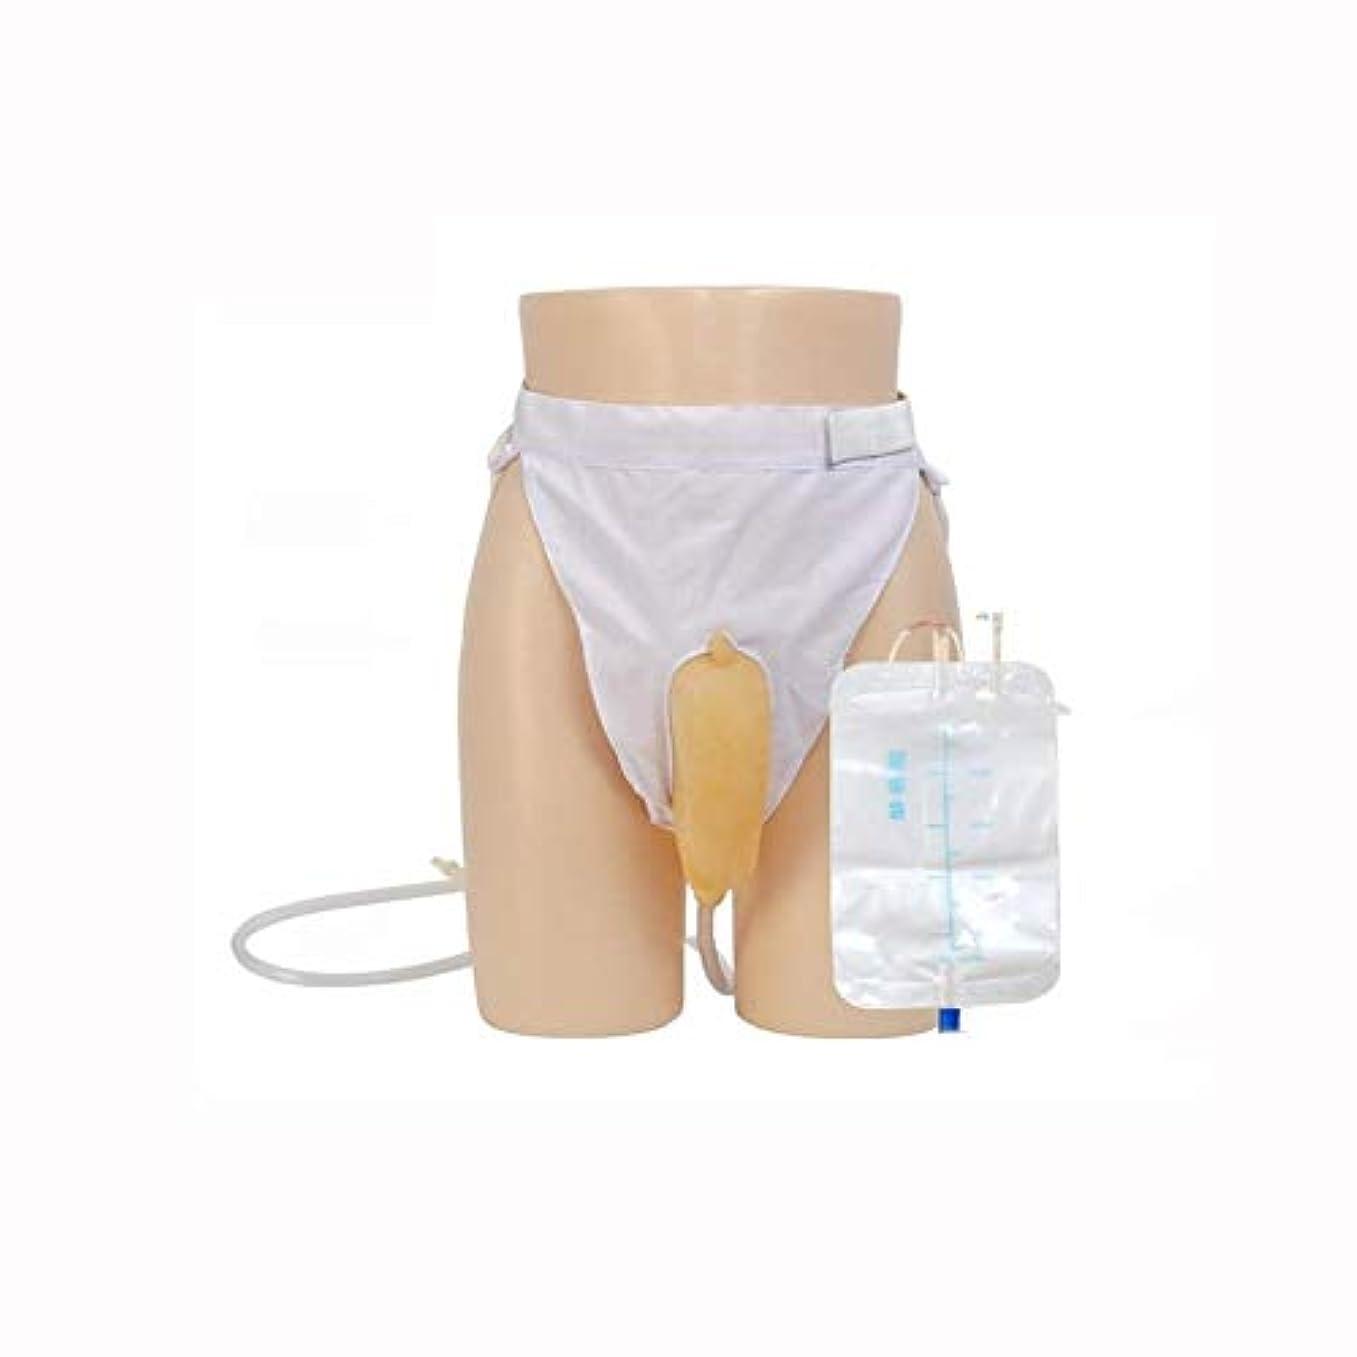 不均一超音速犯罪再利用可能な男性の尿バッグ排尿器おしっこホルダーこぼれ防止ポータブル尿コレクターバッグ用尿失禁